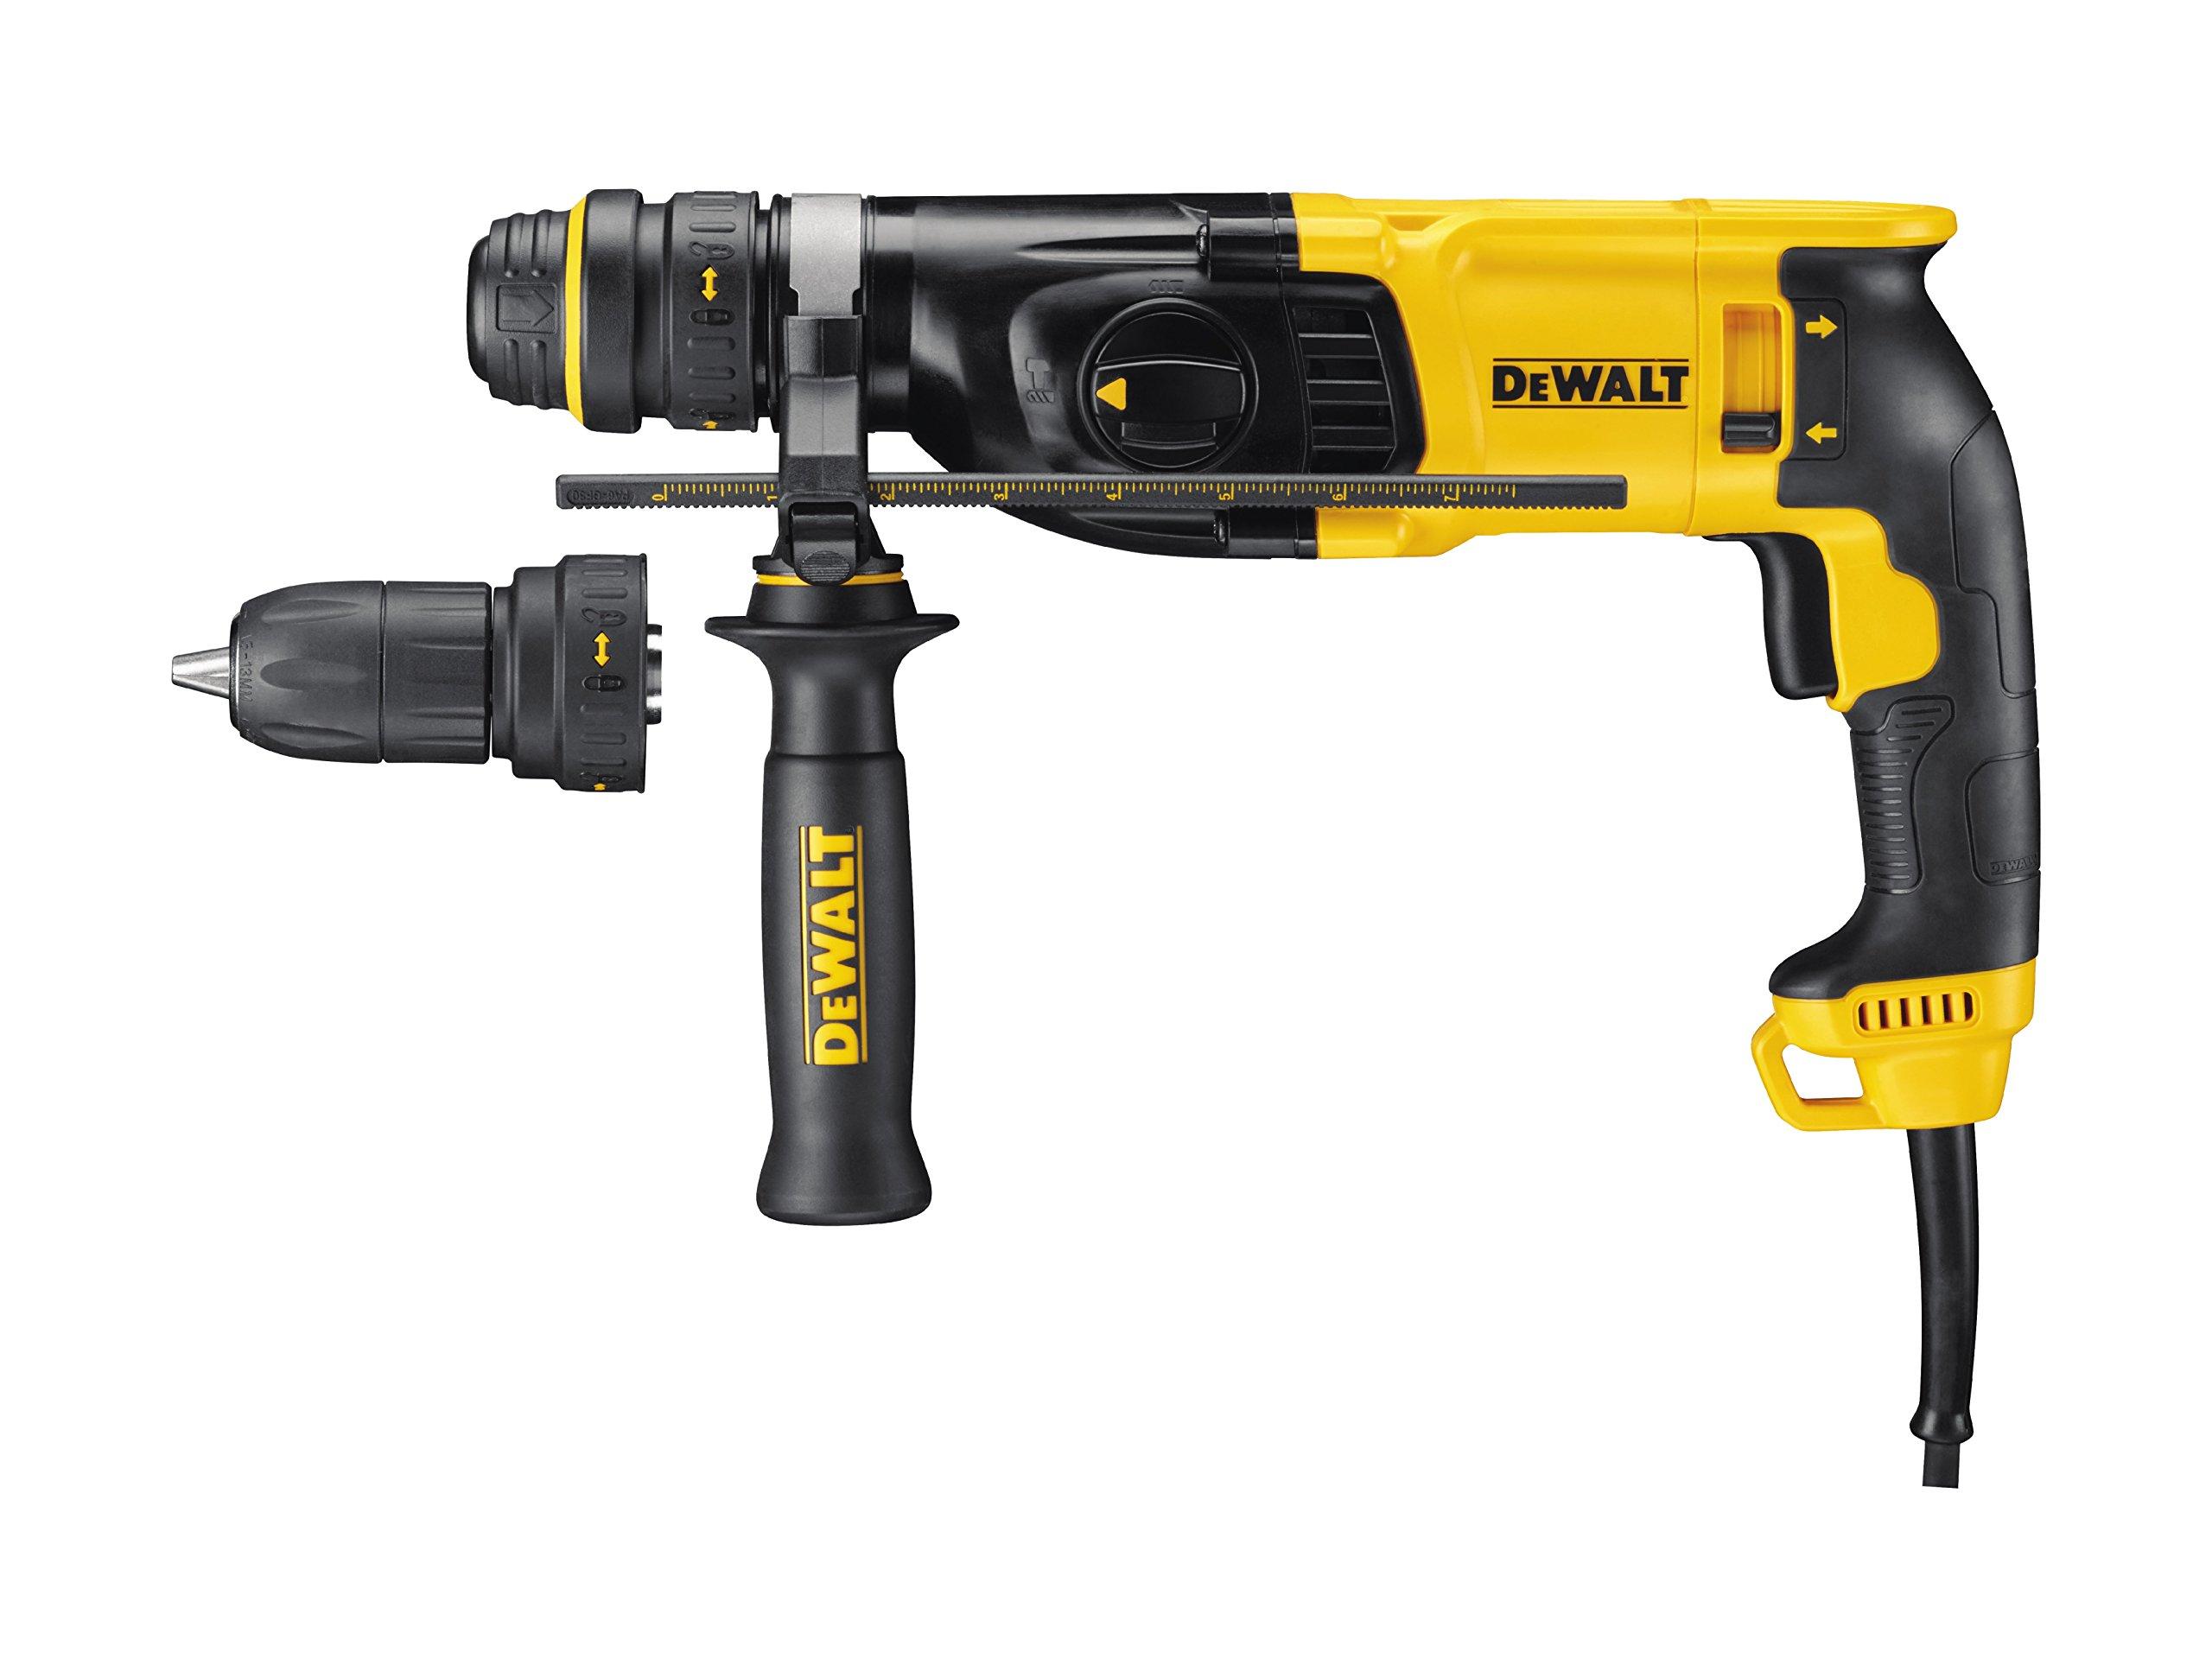 DeWalt-SDS-plus-Kombibohrhammer-Schlagbohrmaschine-800-Watt-max-Bohrleistung-Beton-26-mm-Schnellwechsel-Bohrfutter-Drehstopp-fr-Meielarbeiten-Sicherheitskupplung-inkl-Tstak-Box-D25134K